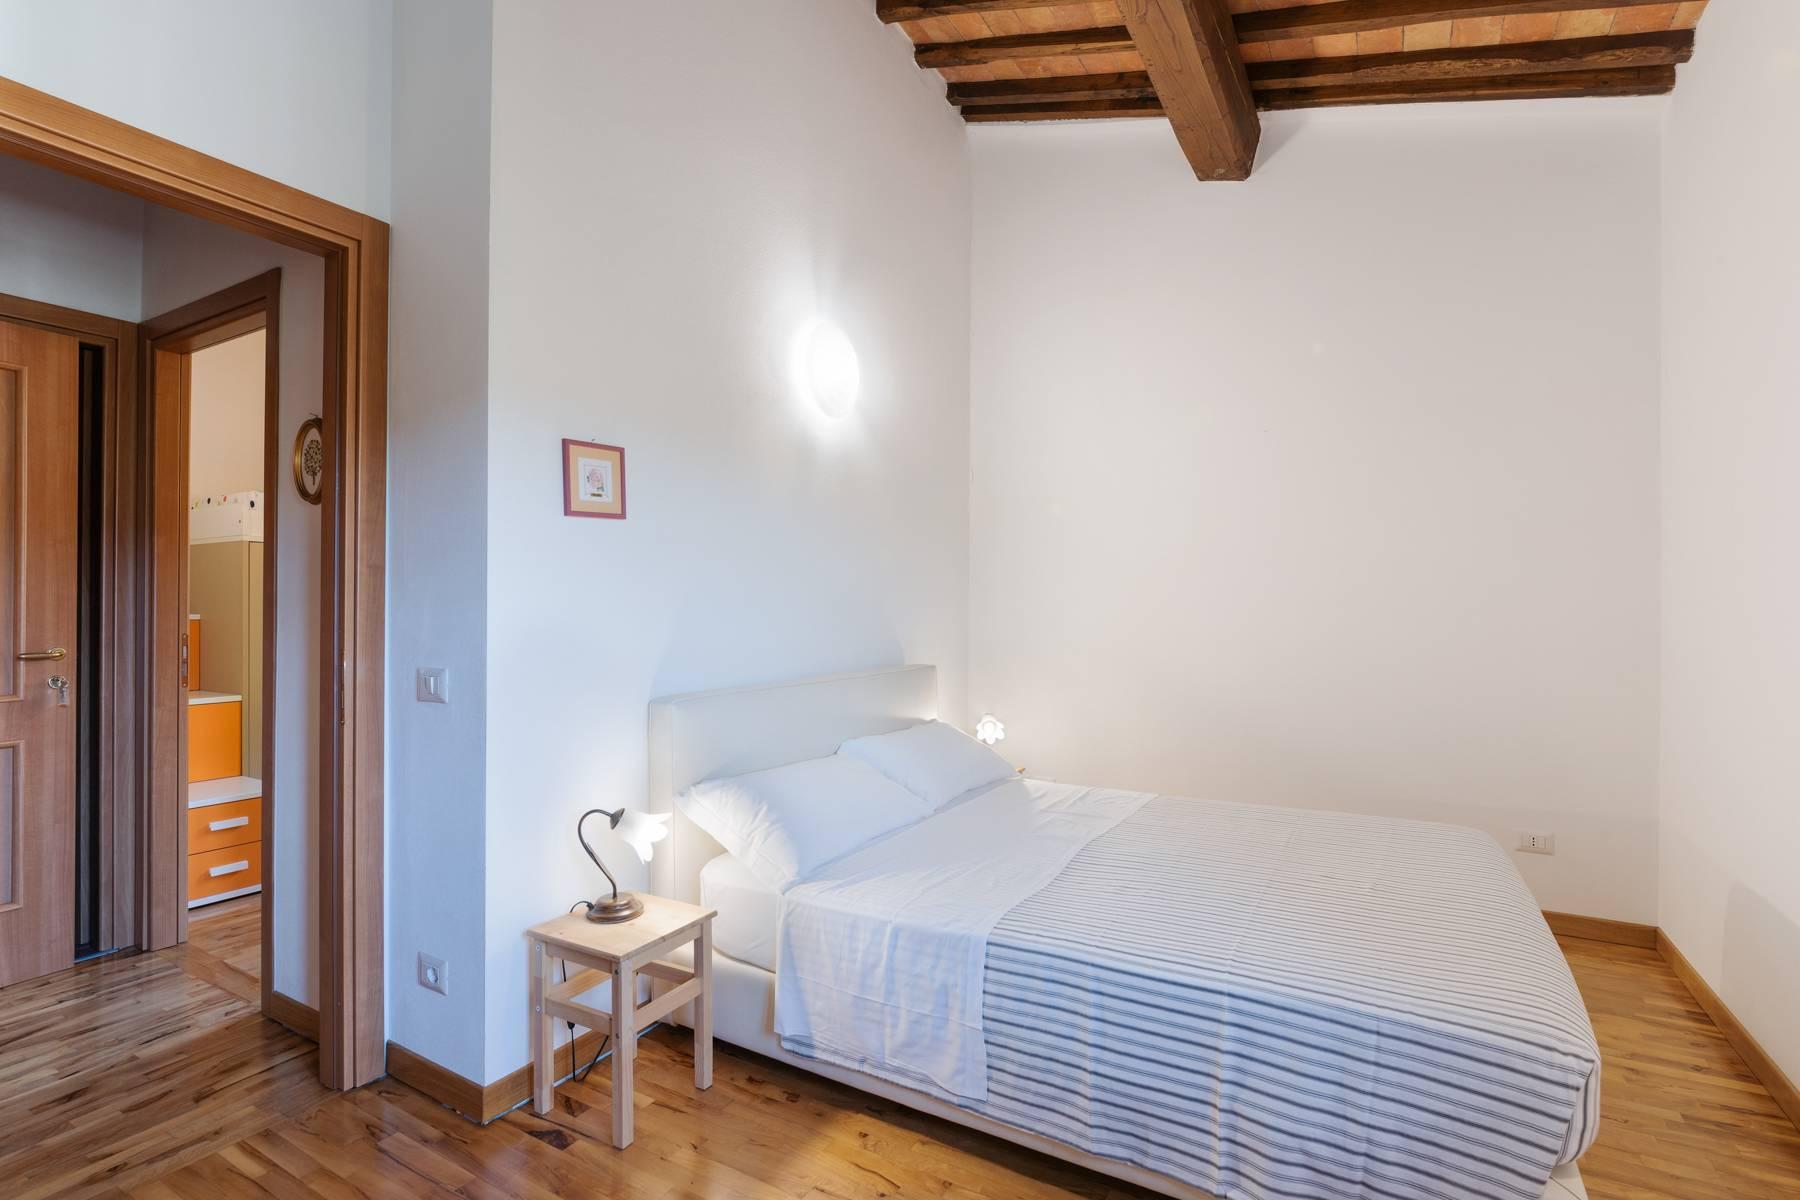 Rustico in Vendita a Monsummano Terme: 5 locali, 380 mq - Foto 21